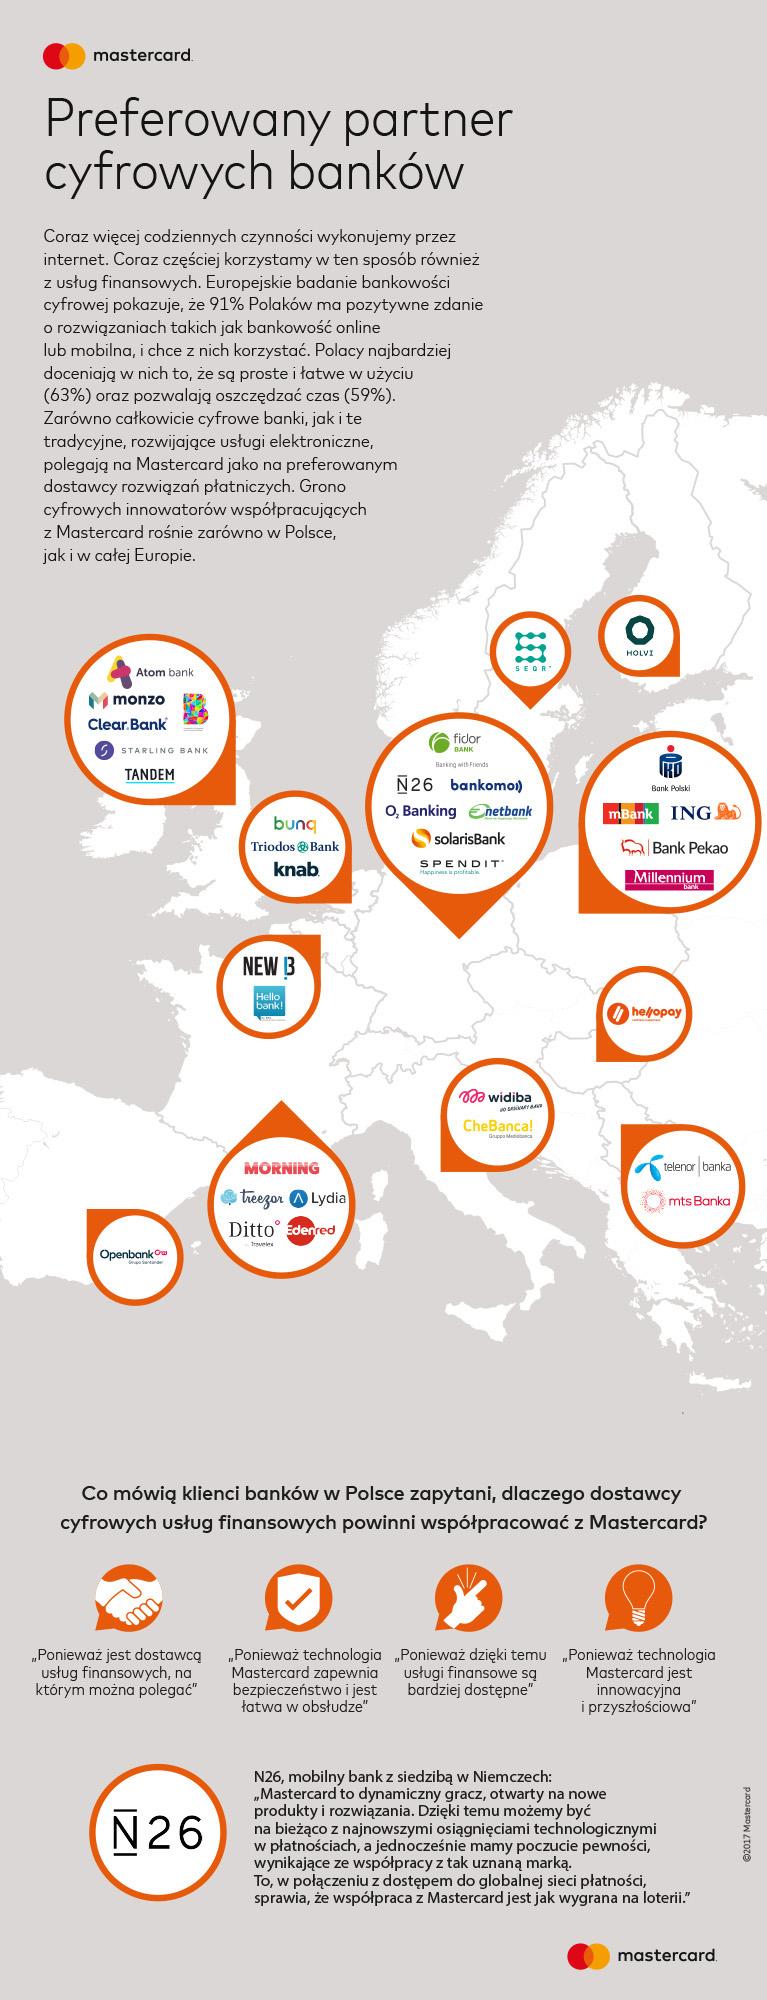 Europejskie badanie bankowości cyfrowej 2017 (Mastercard) - mapa